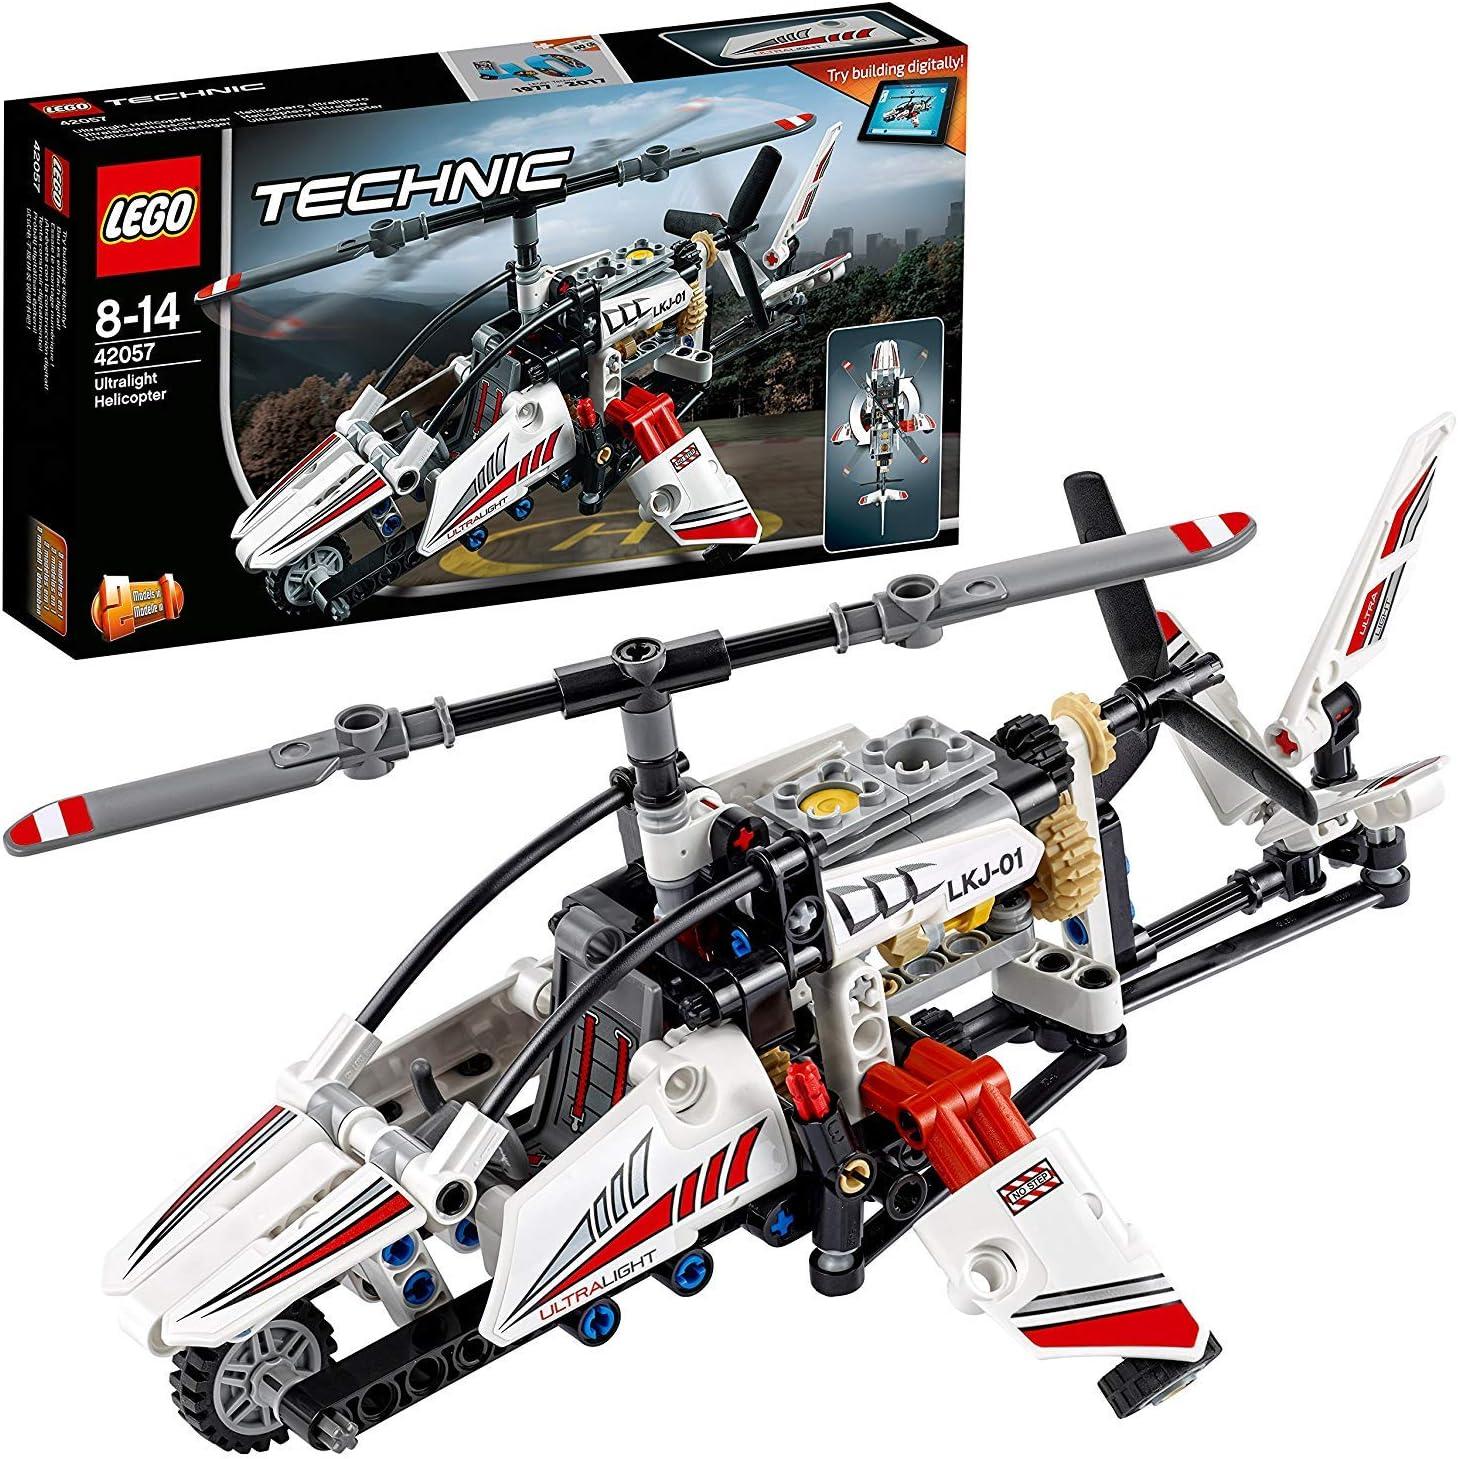 LEGO Technic - Helicóptero Ultraligero (42057)